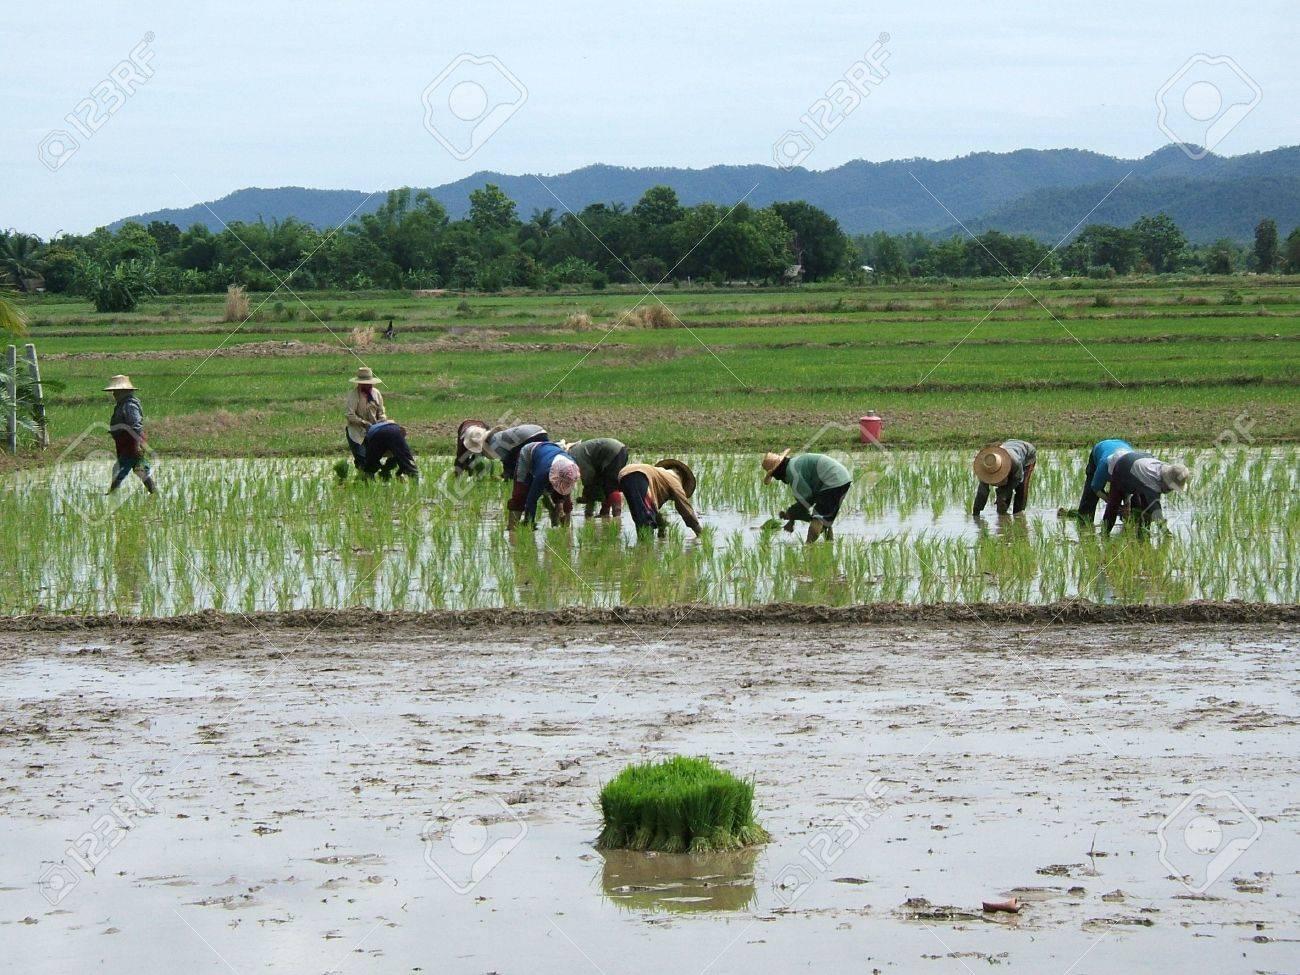 Las mujeres que trabajan en un campo de arroz en Asia  Foto de archivo - 2912723